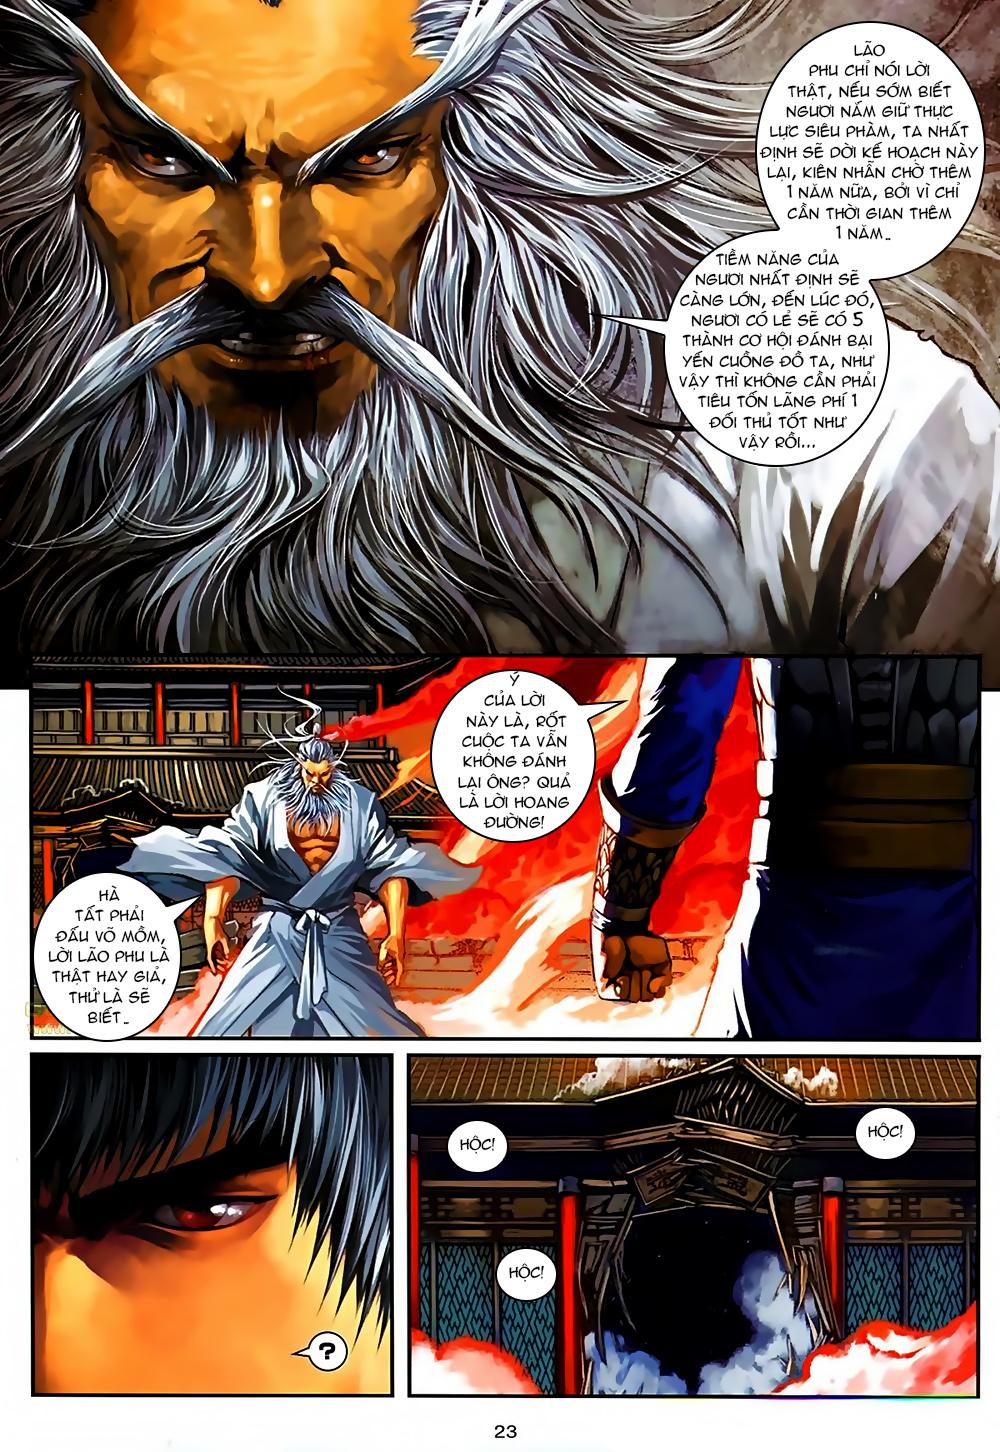 Ôn Thuỵ An Quần Hiệp Truyện Phần 2 chapter 37 trang 23